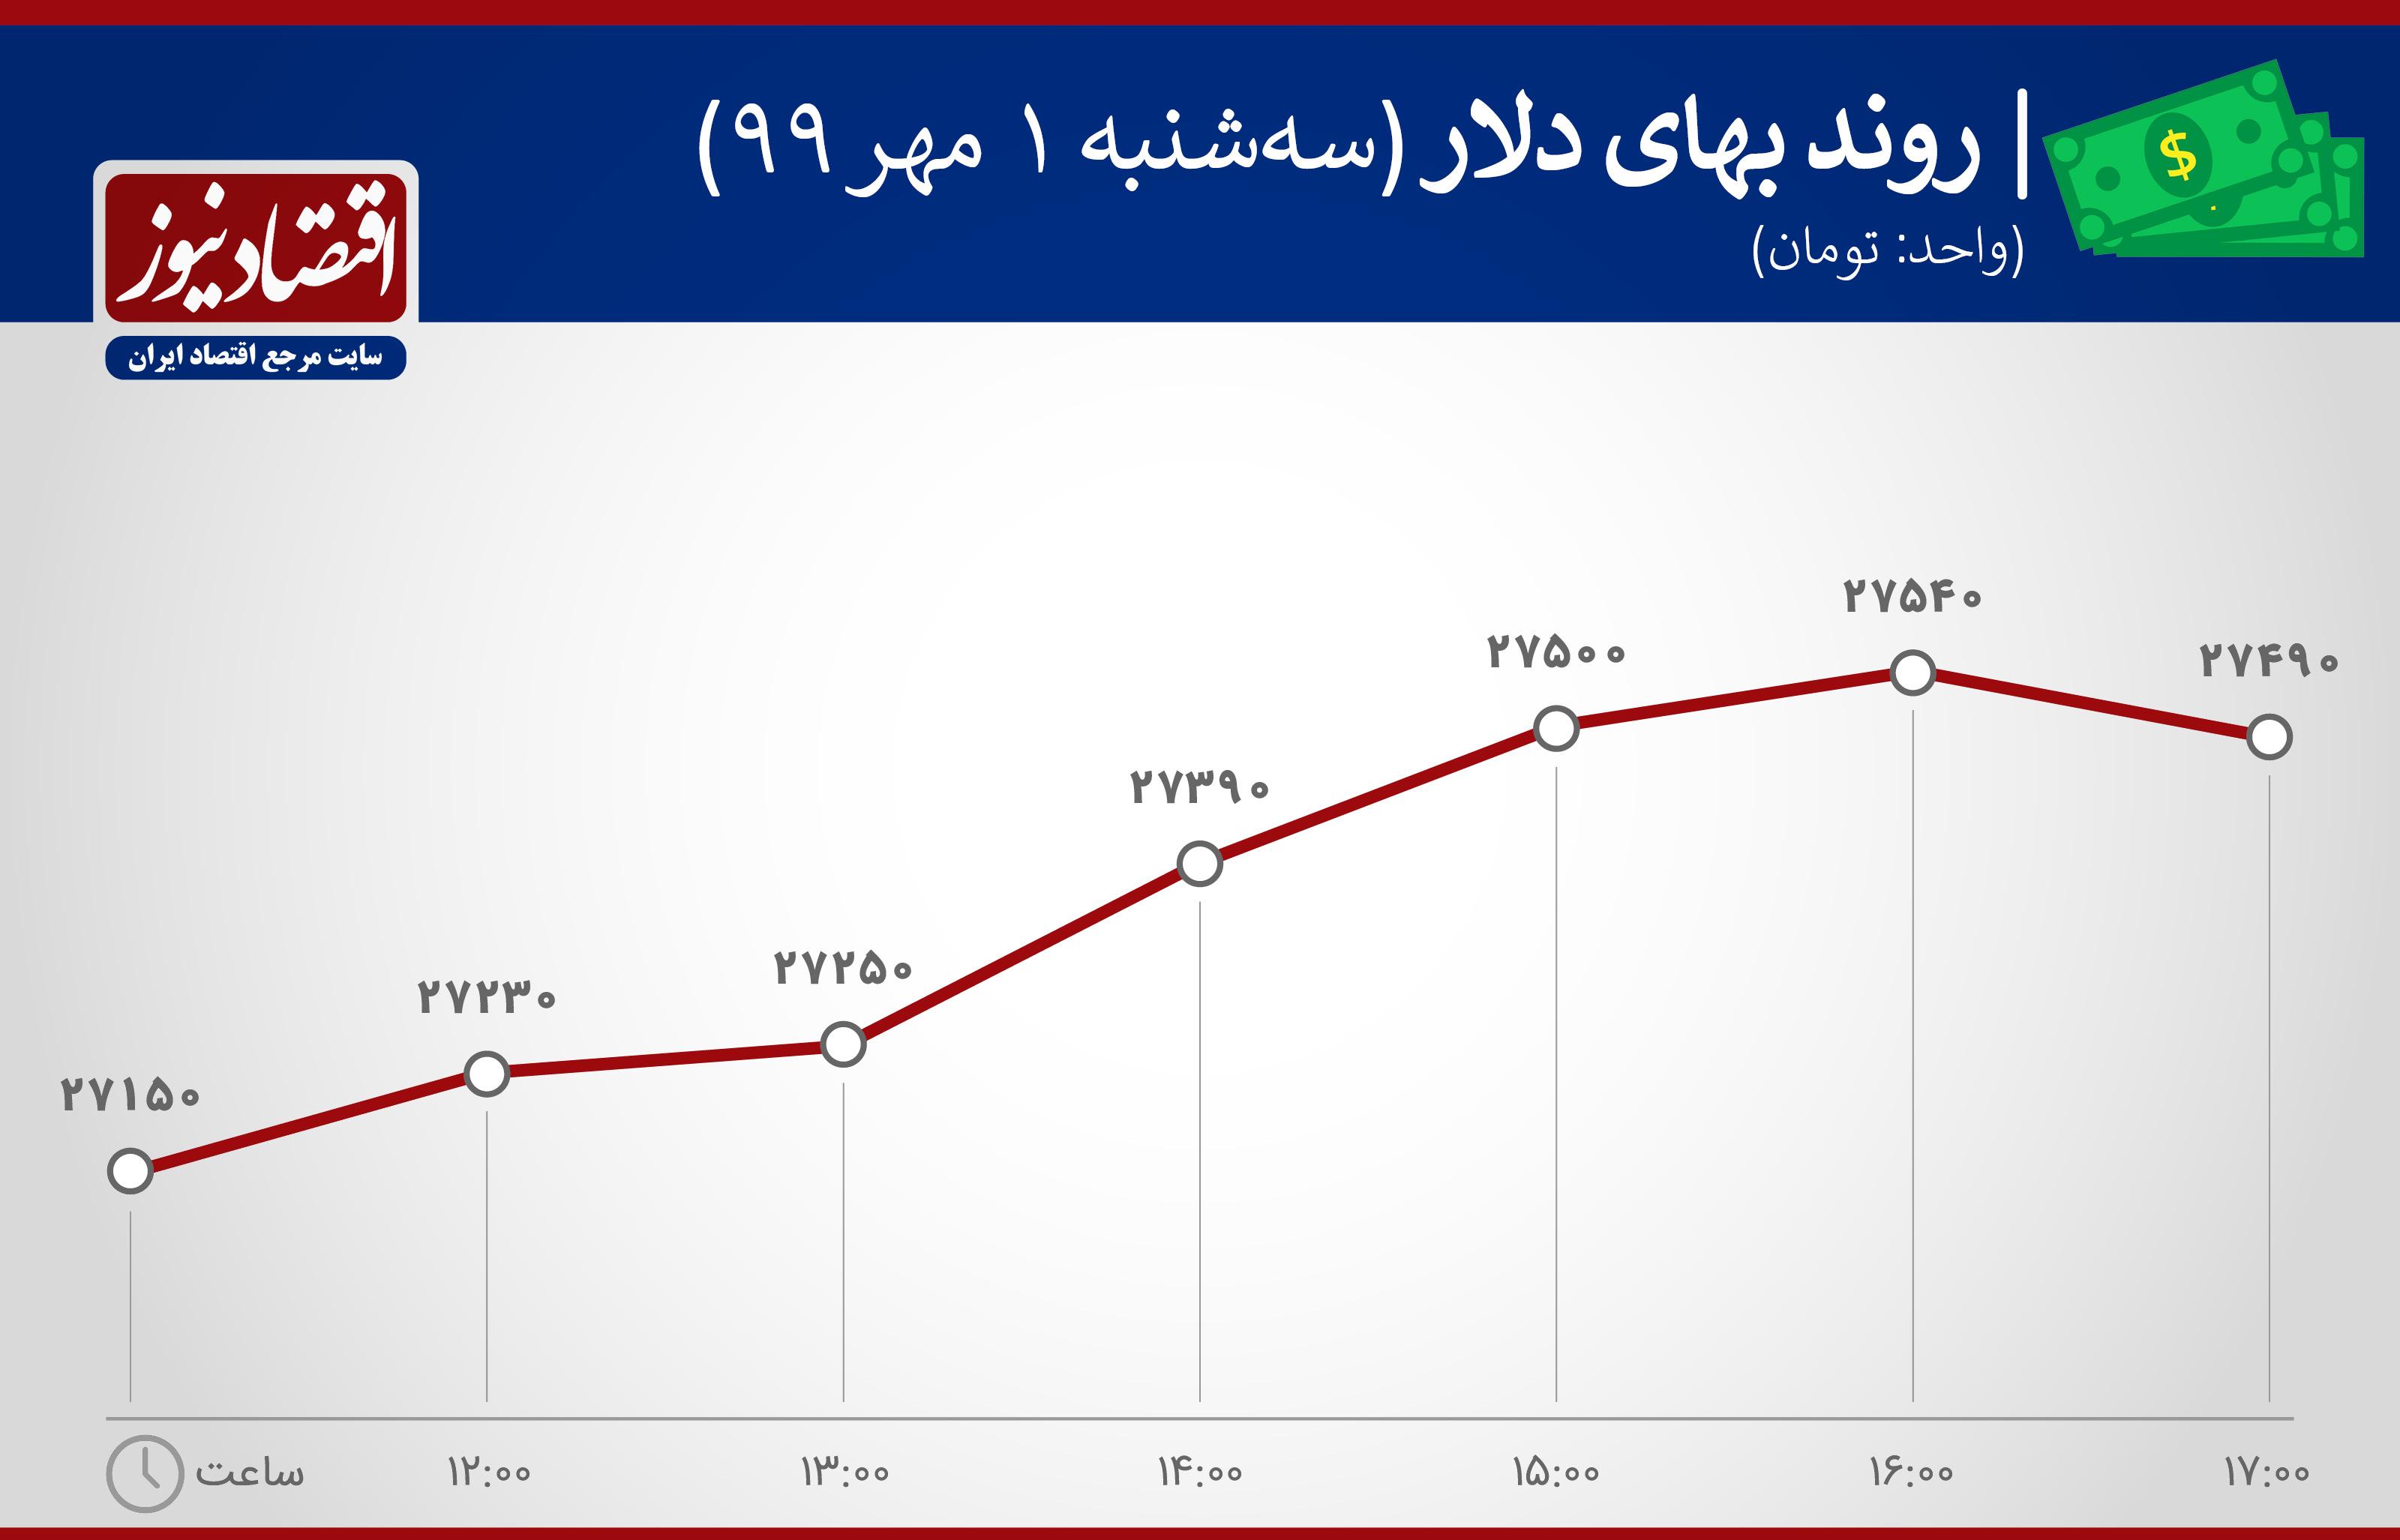 نمودار بهای دلار اول مهر 99